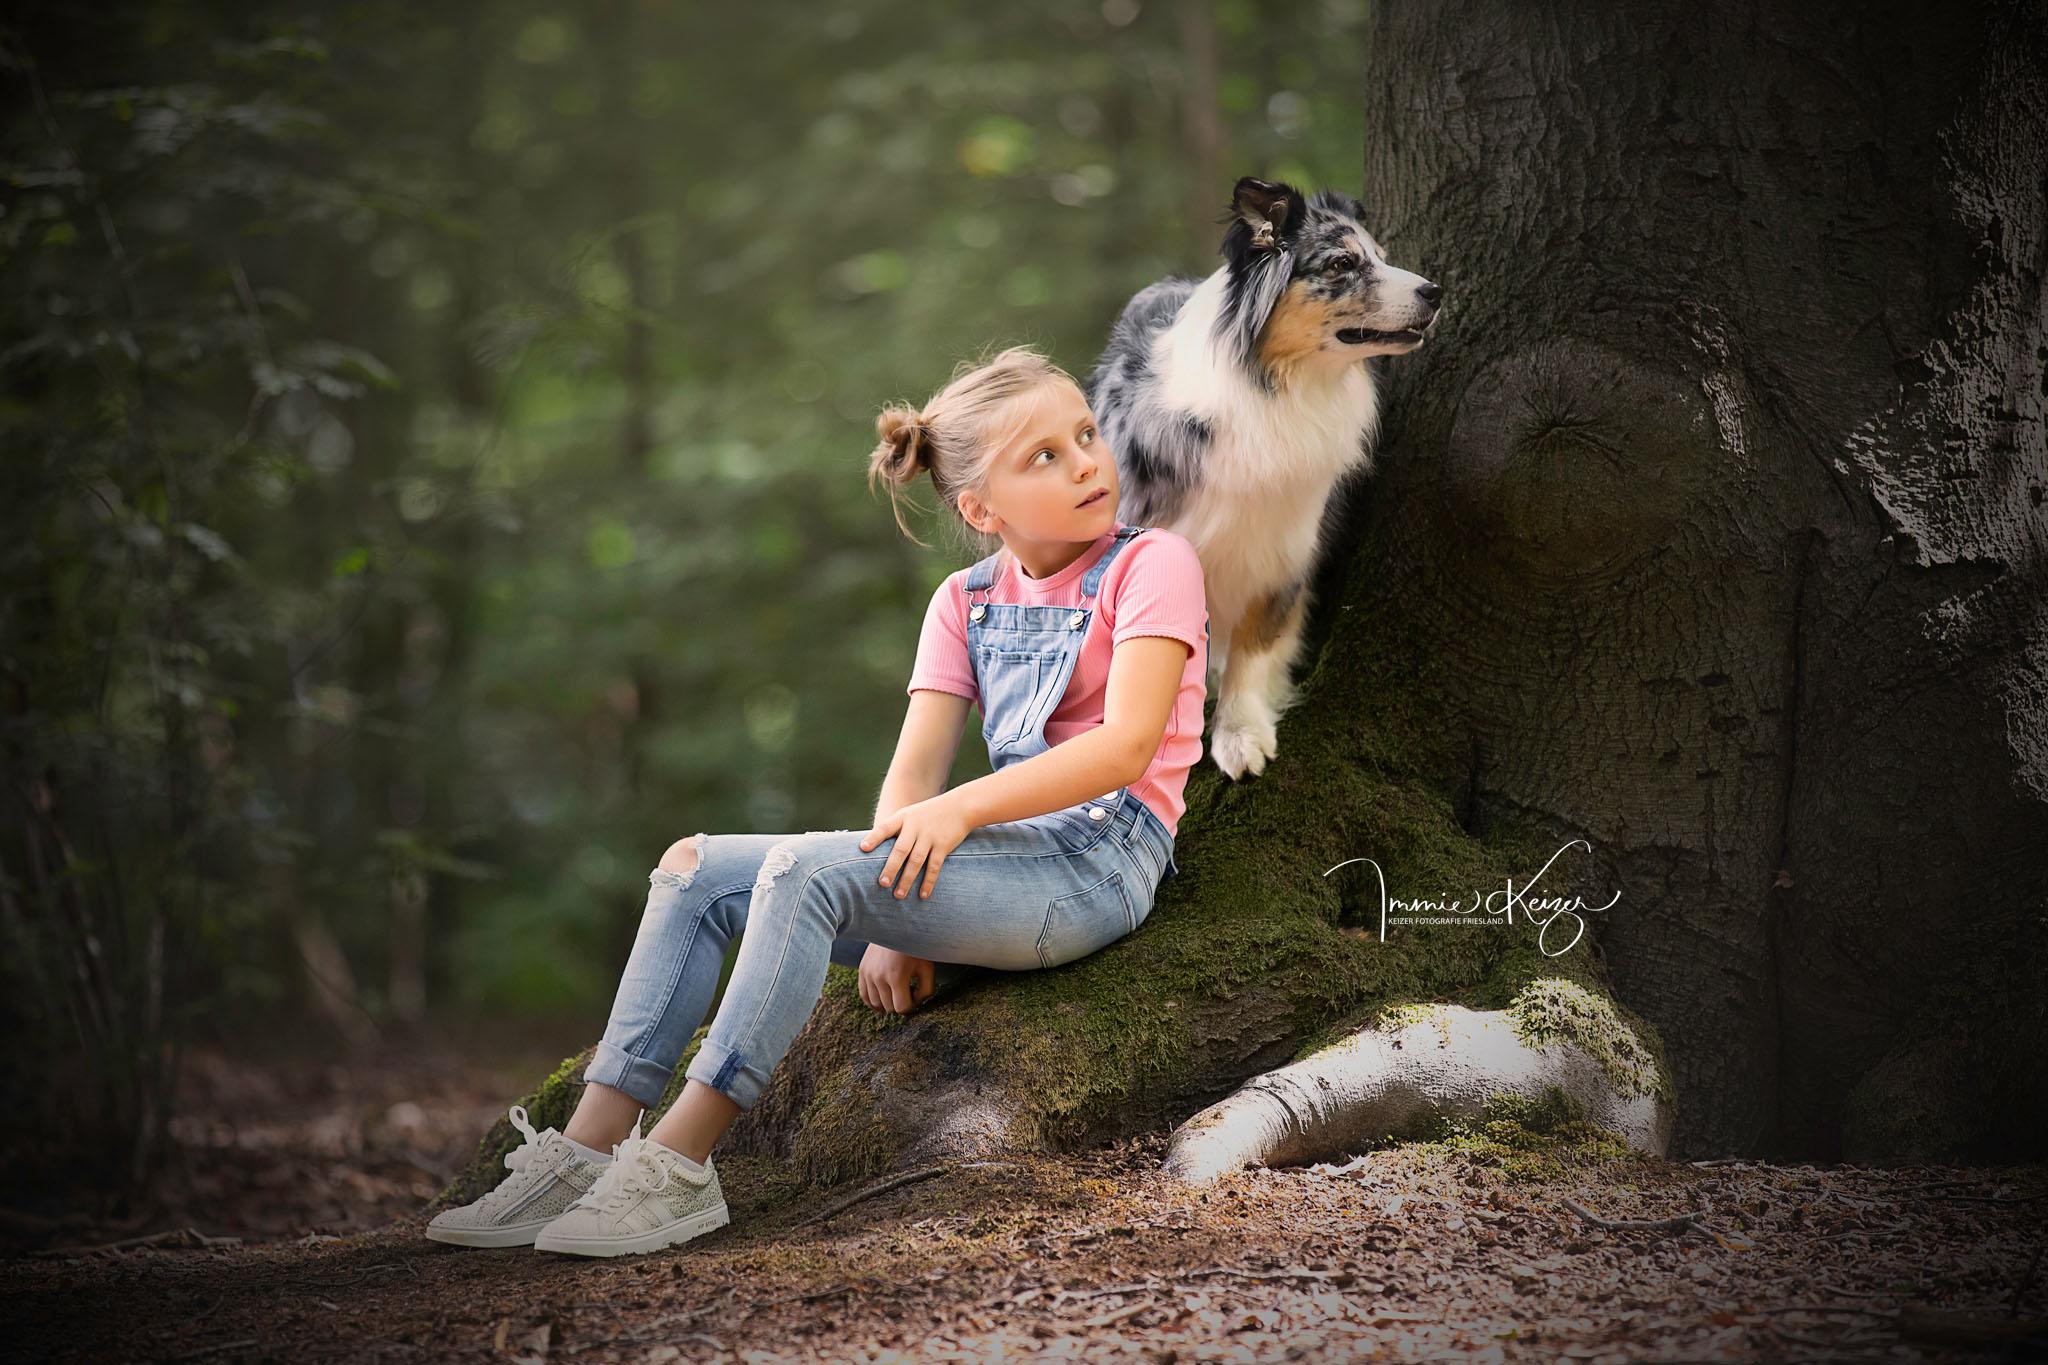 Kind-Hond Huisdier Fotoshoot-Meisje met Hond